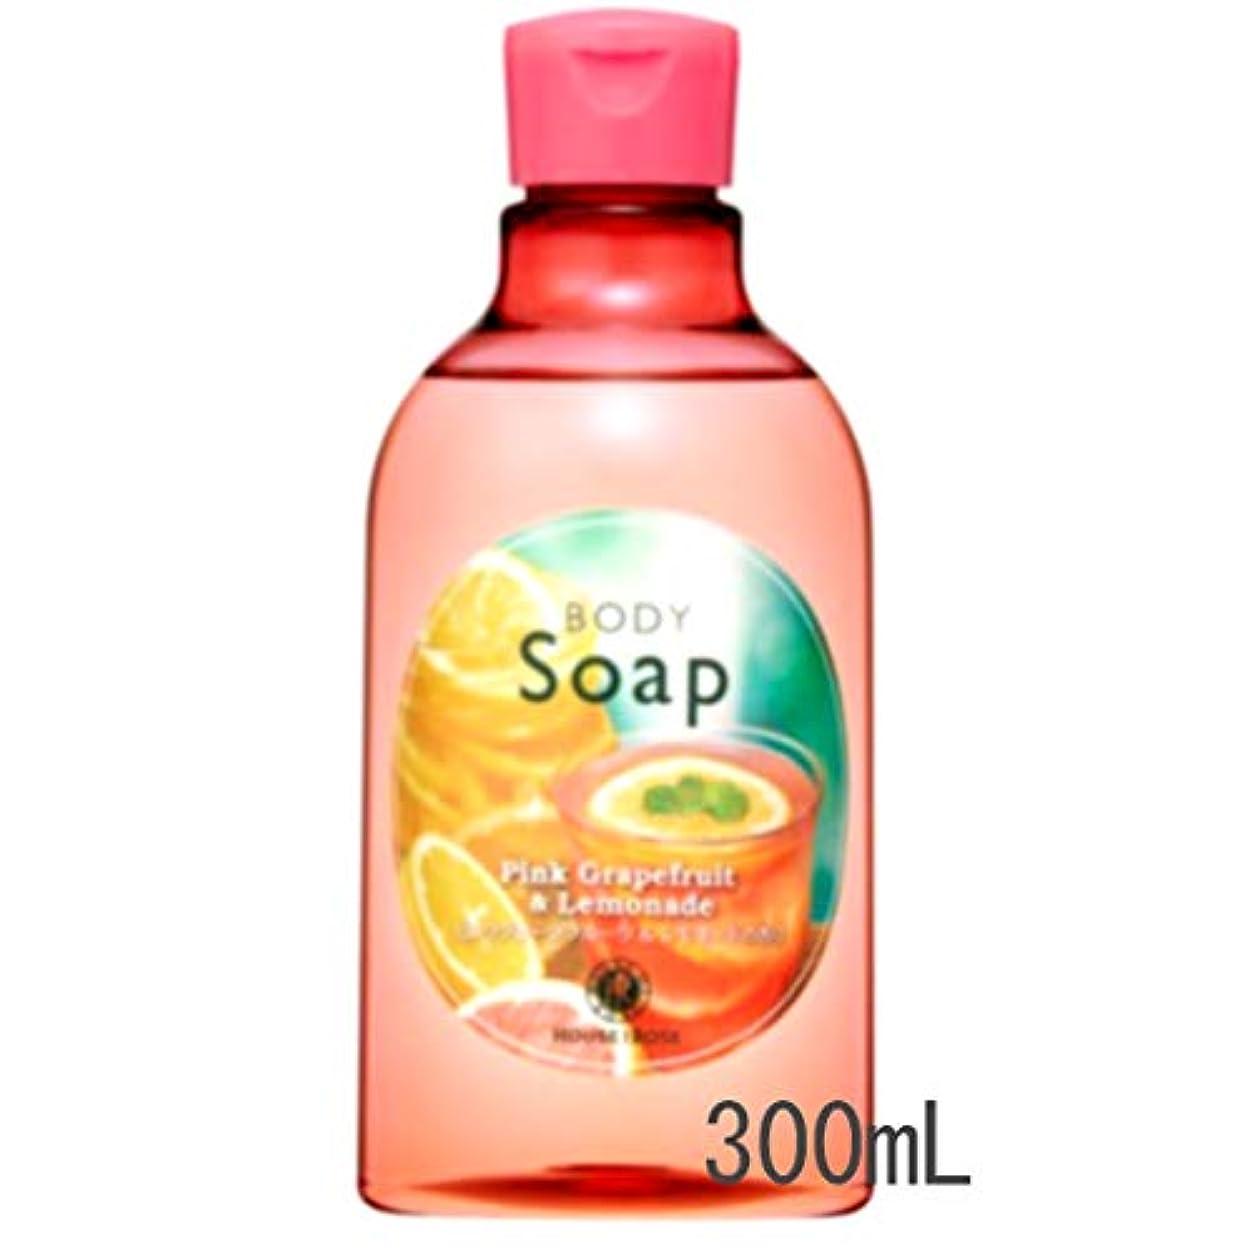 表向き妊娠した力学HOUSE OF ROSE(ハウスオブローゼ) ボディソープ PL(ピンクグレープフルーツ&レモネードの香り)300mL